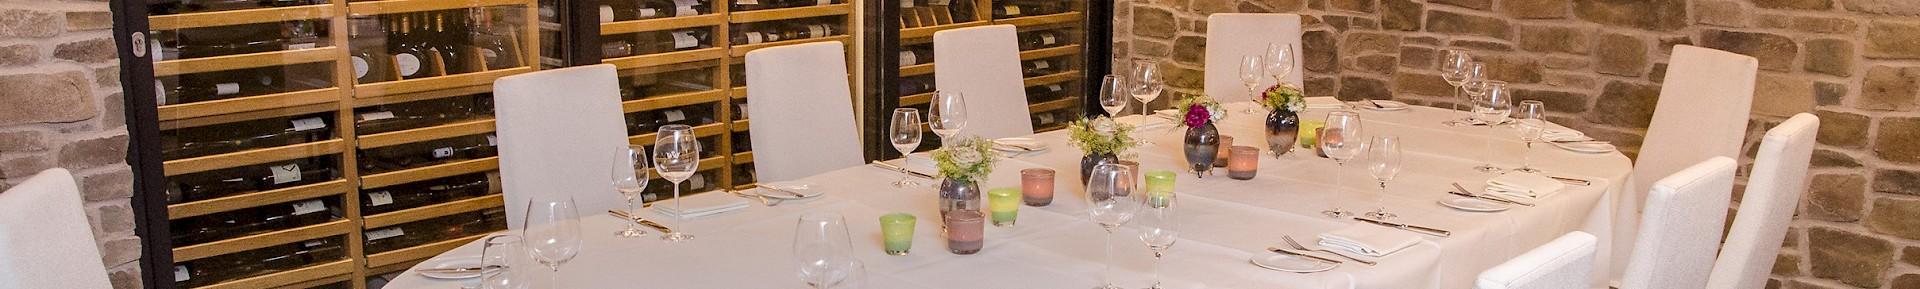 Gemütlichen Weinkeller als Raum für Feiern mieten